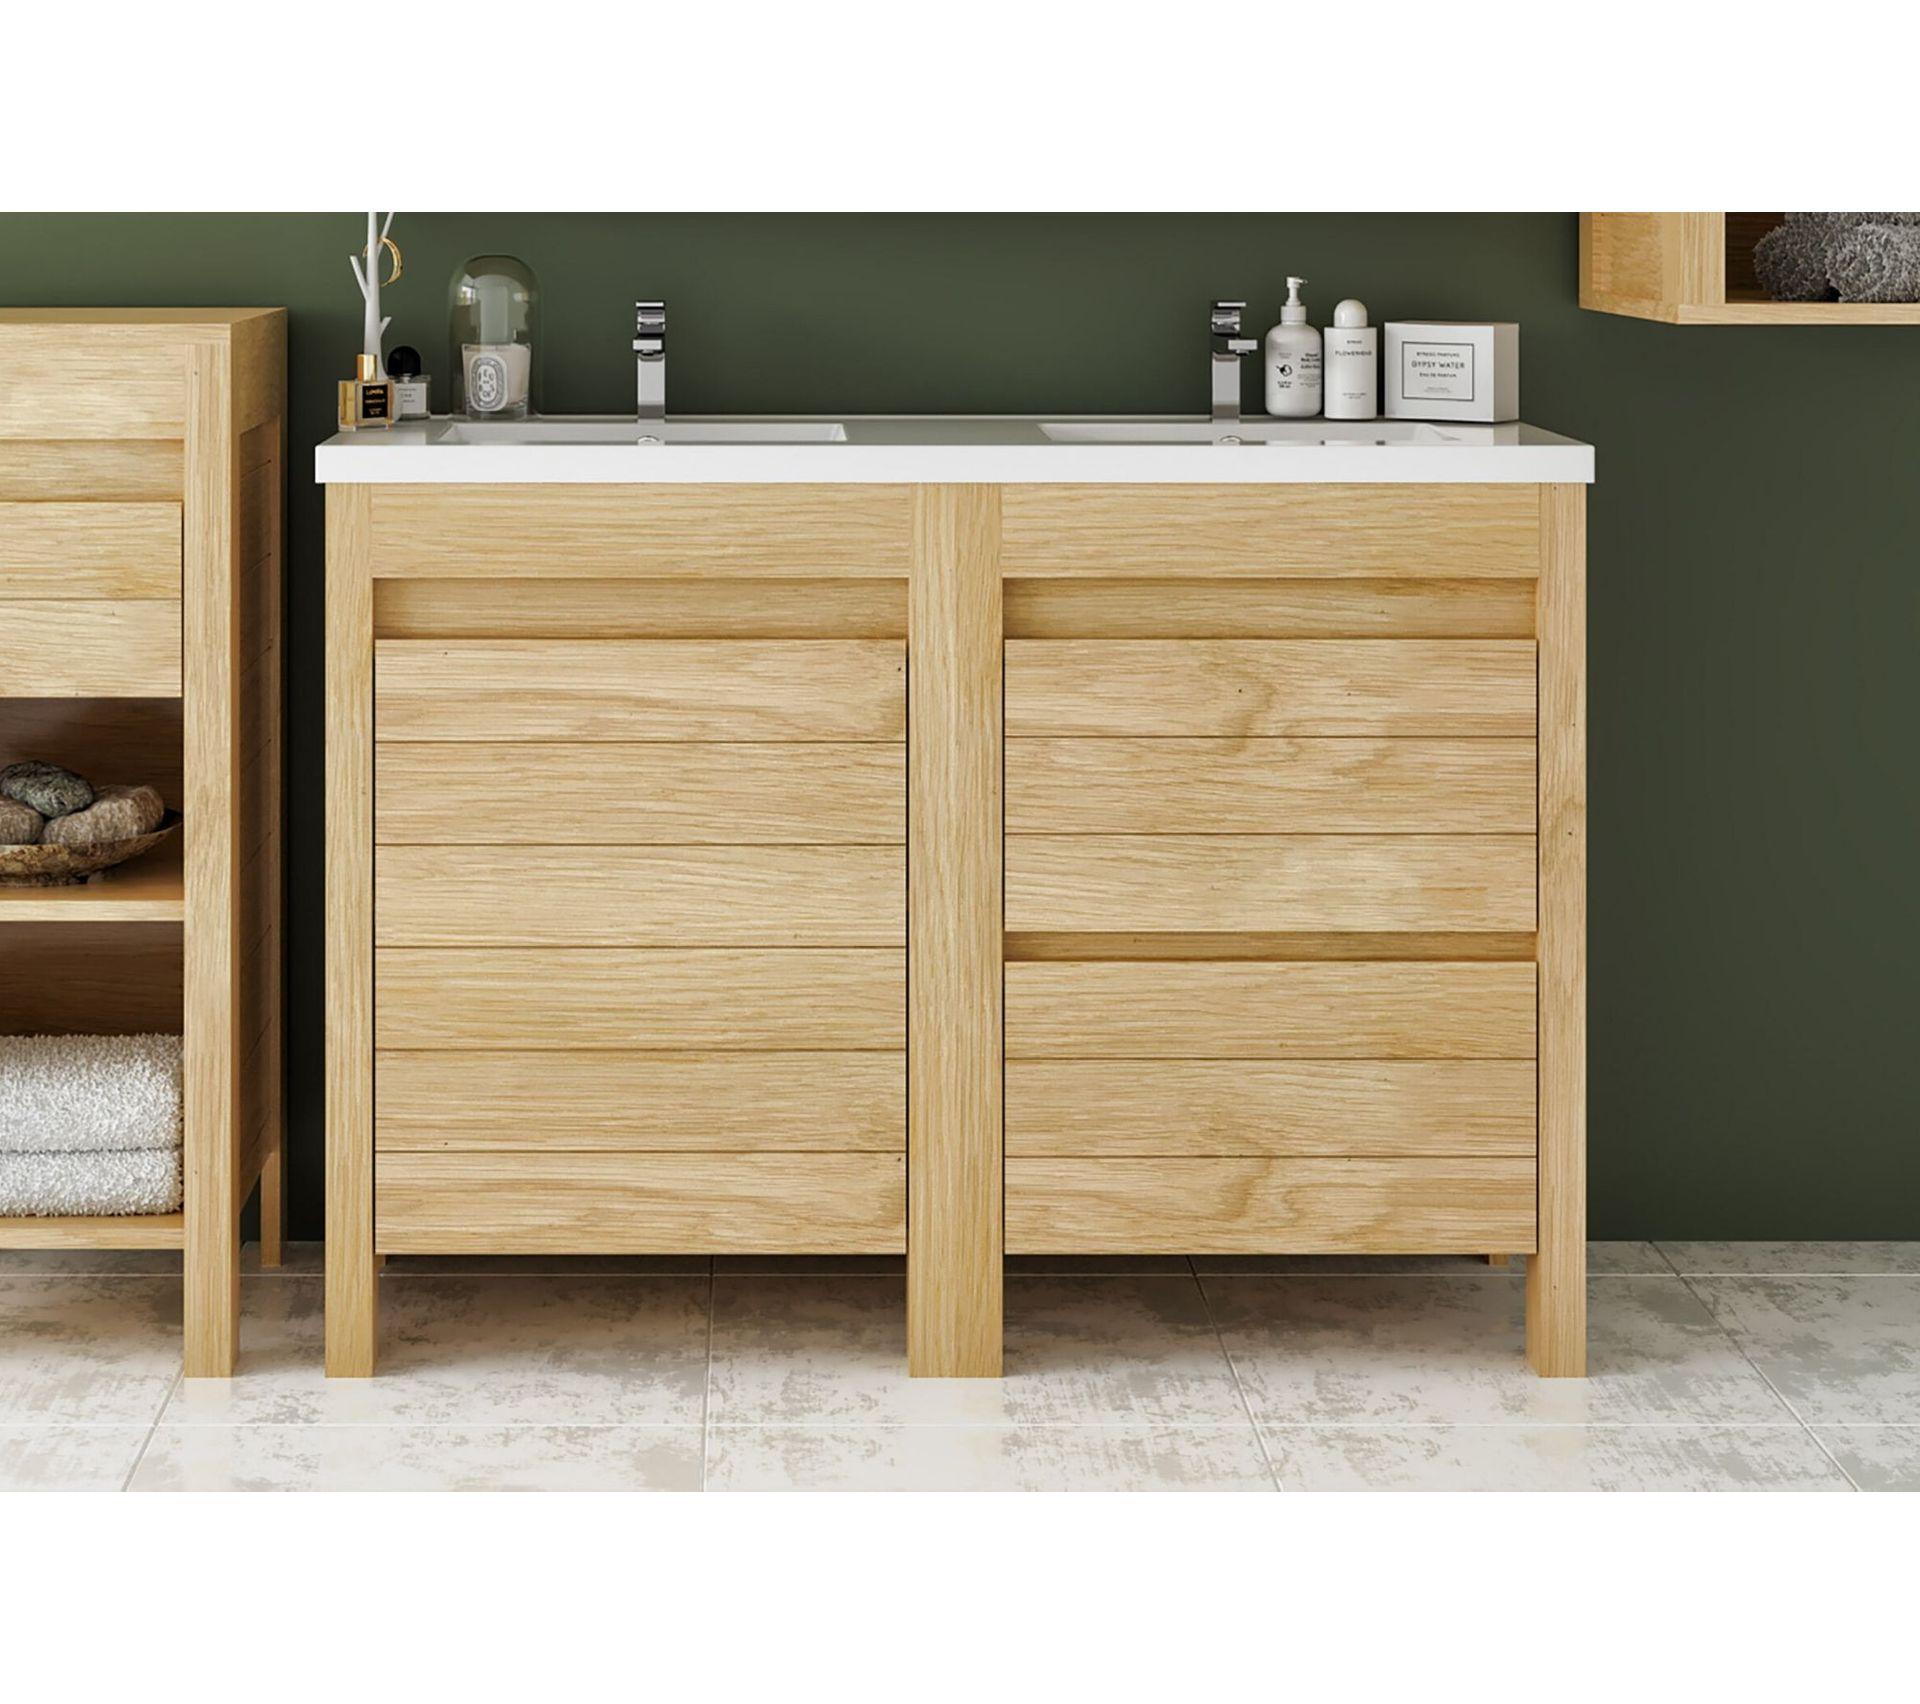 Salle De Bain Image meuble de salle de bain 120 cm en bois massif avec sa double vasque - cork